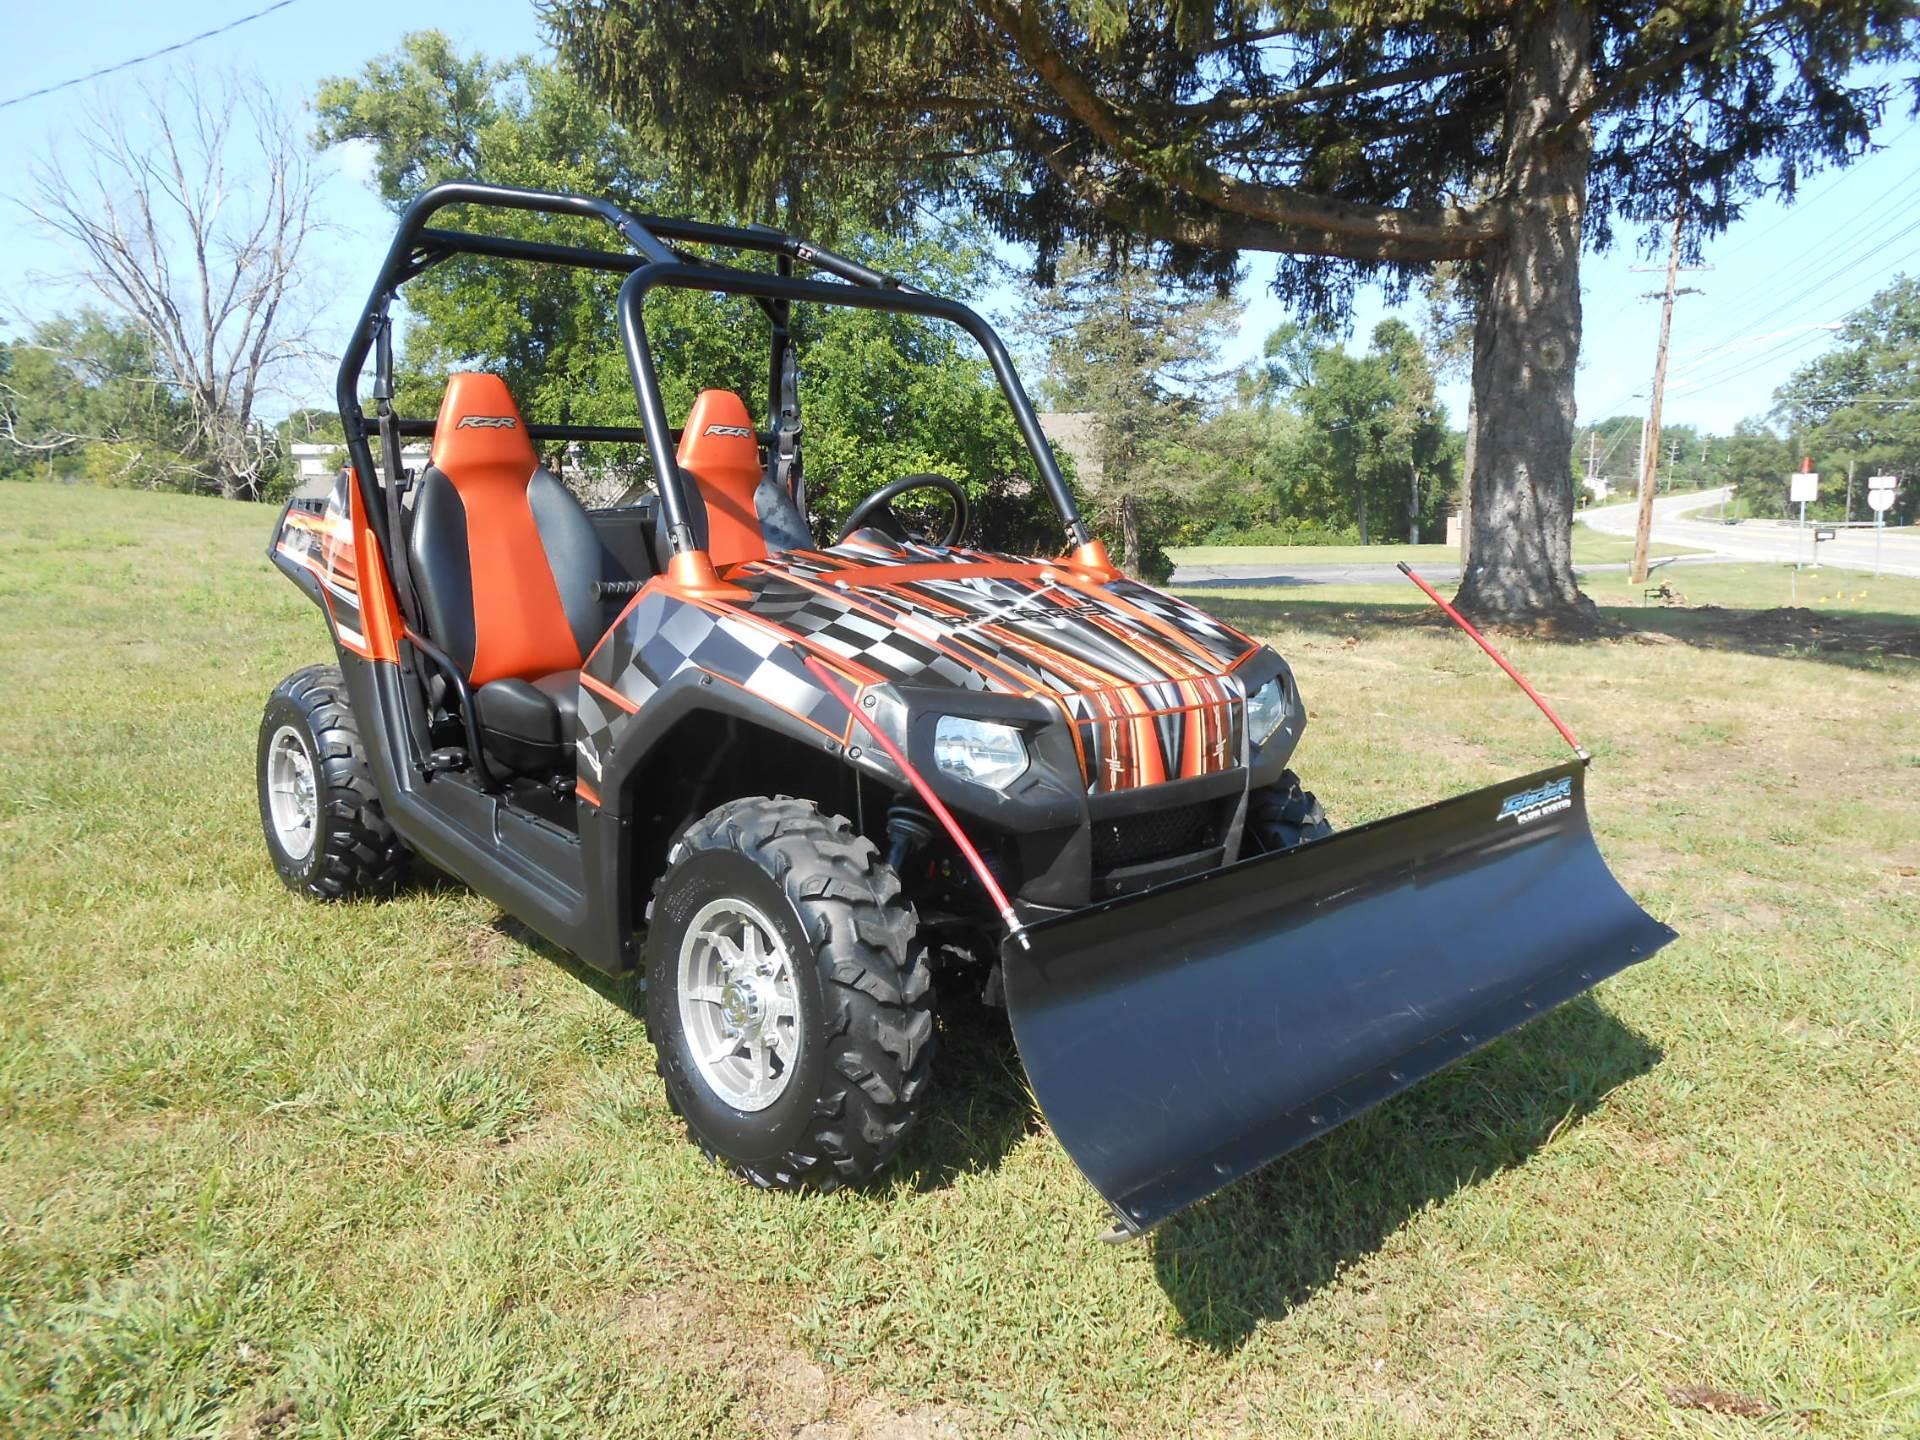 2009 Ranger RZR